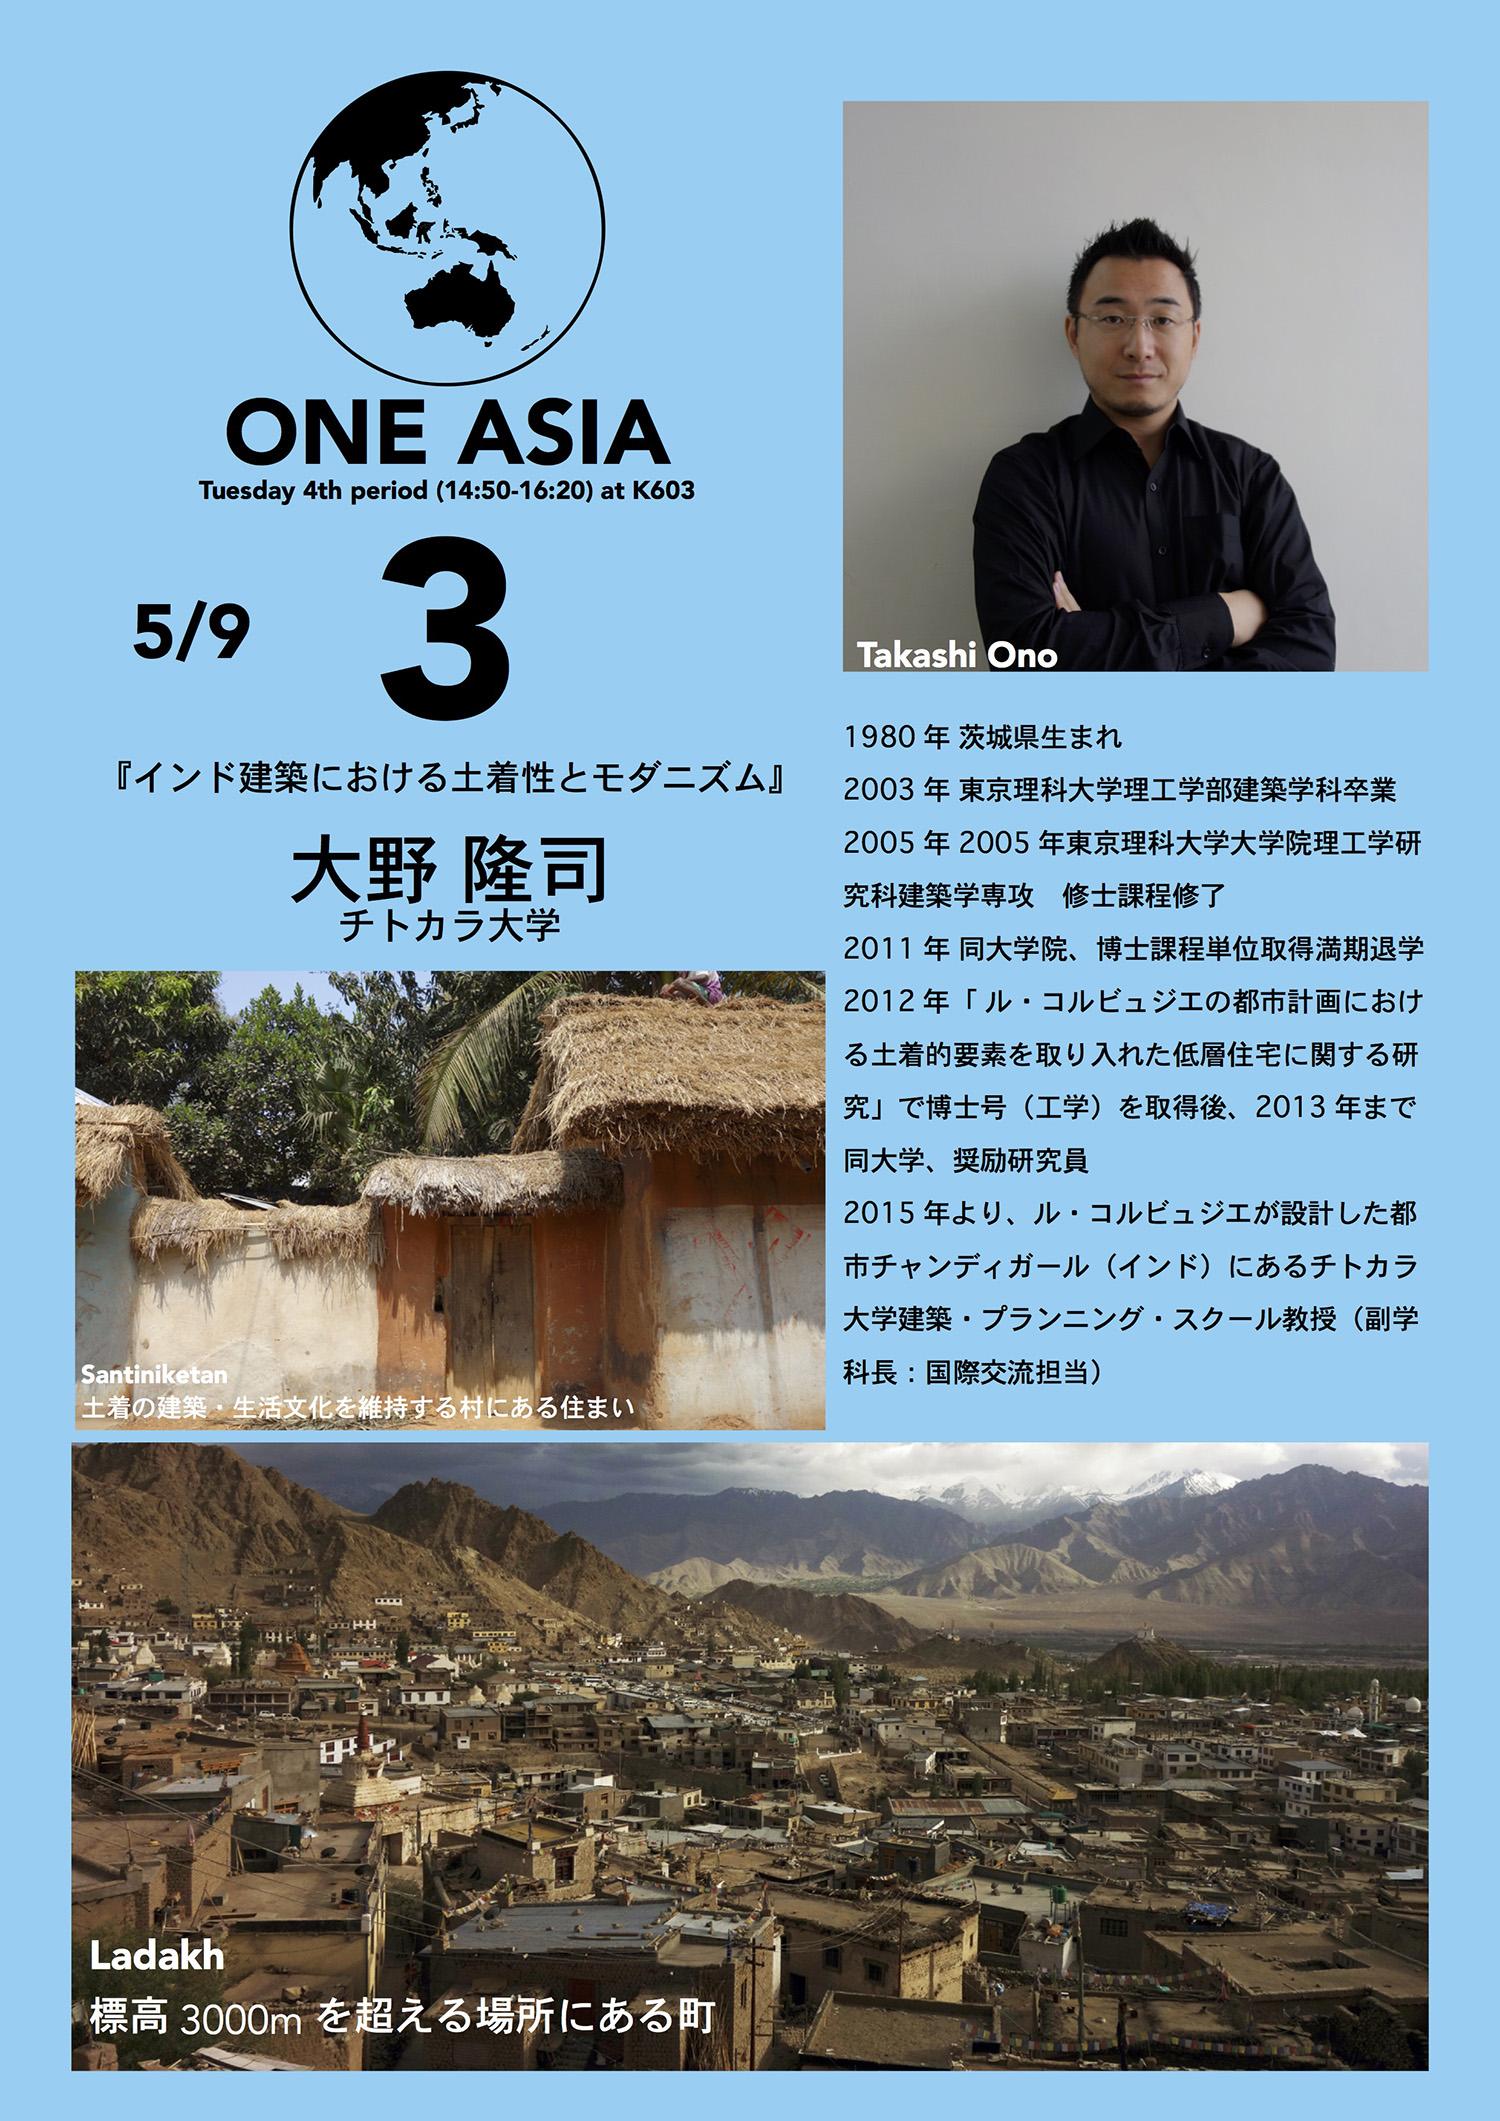 OneAsia_Ono_web